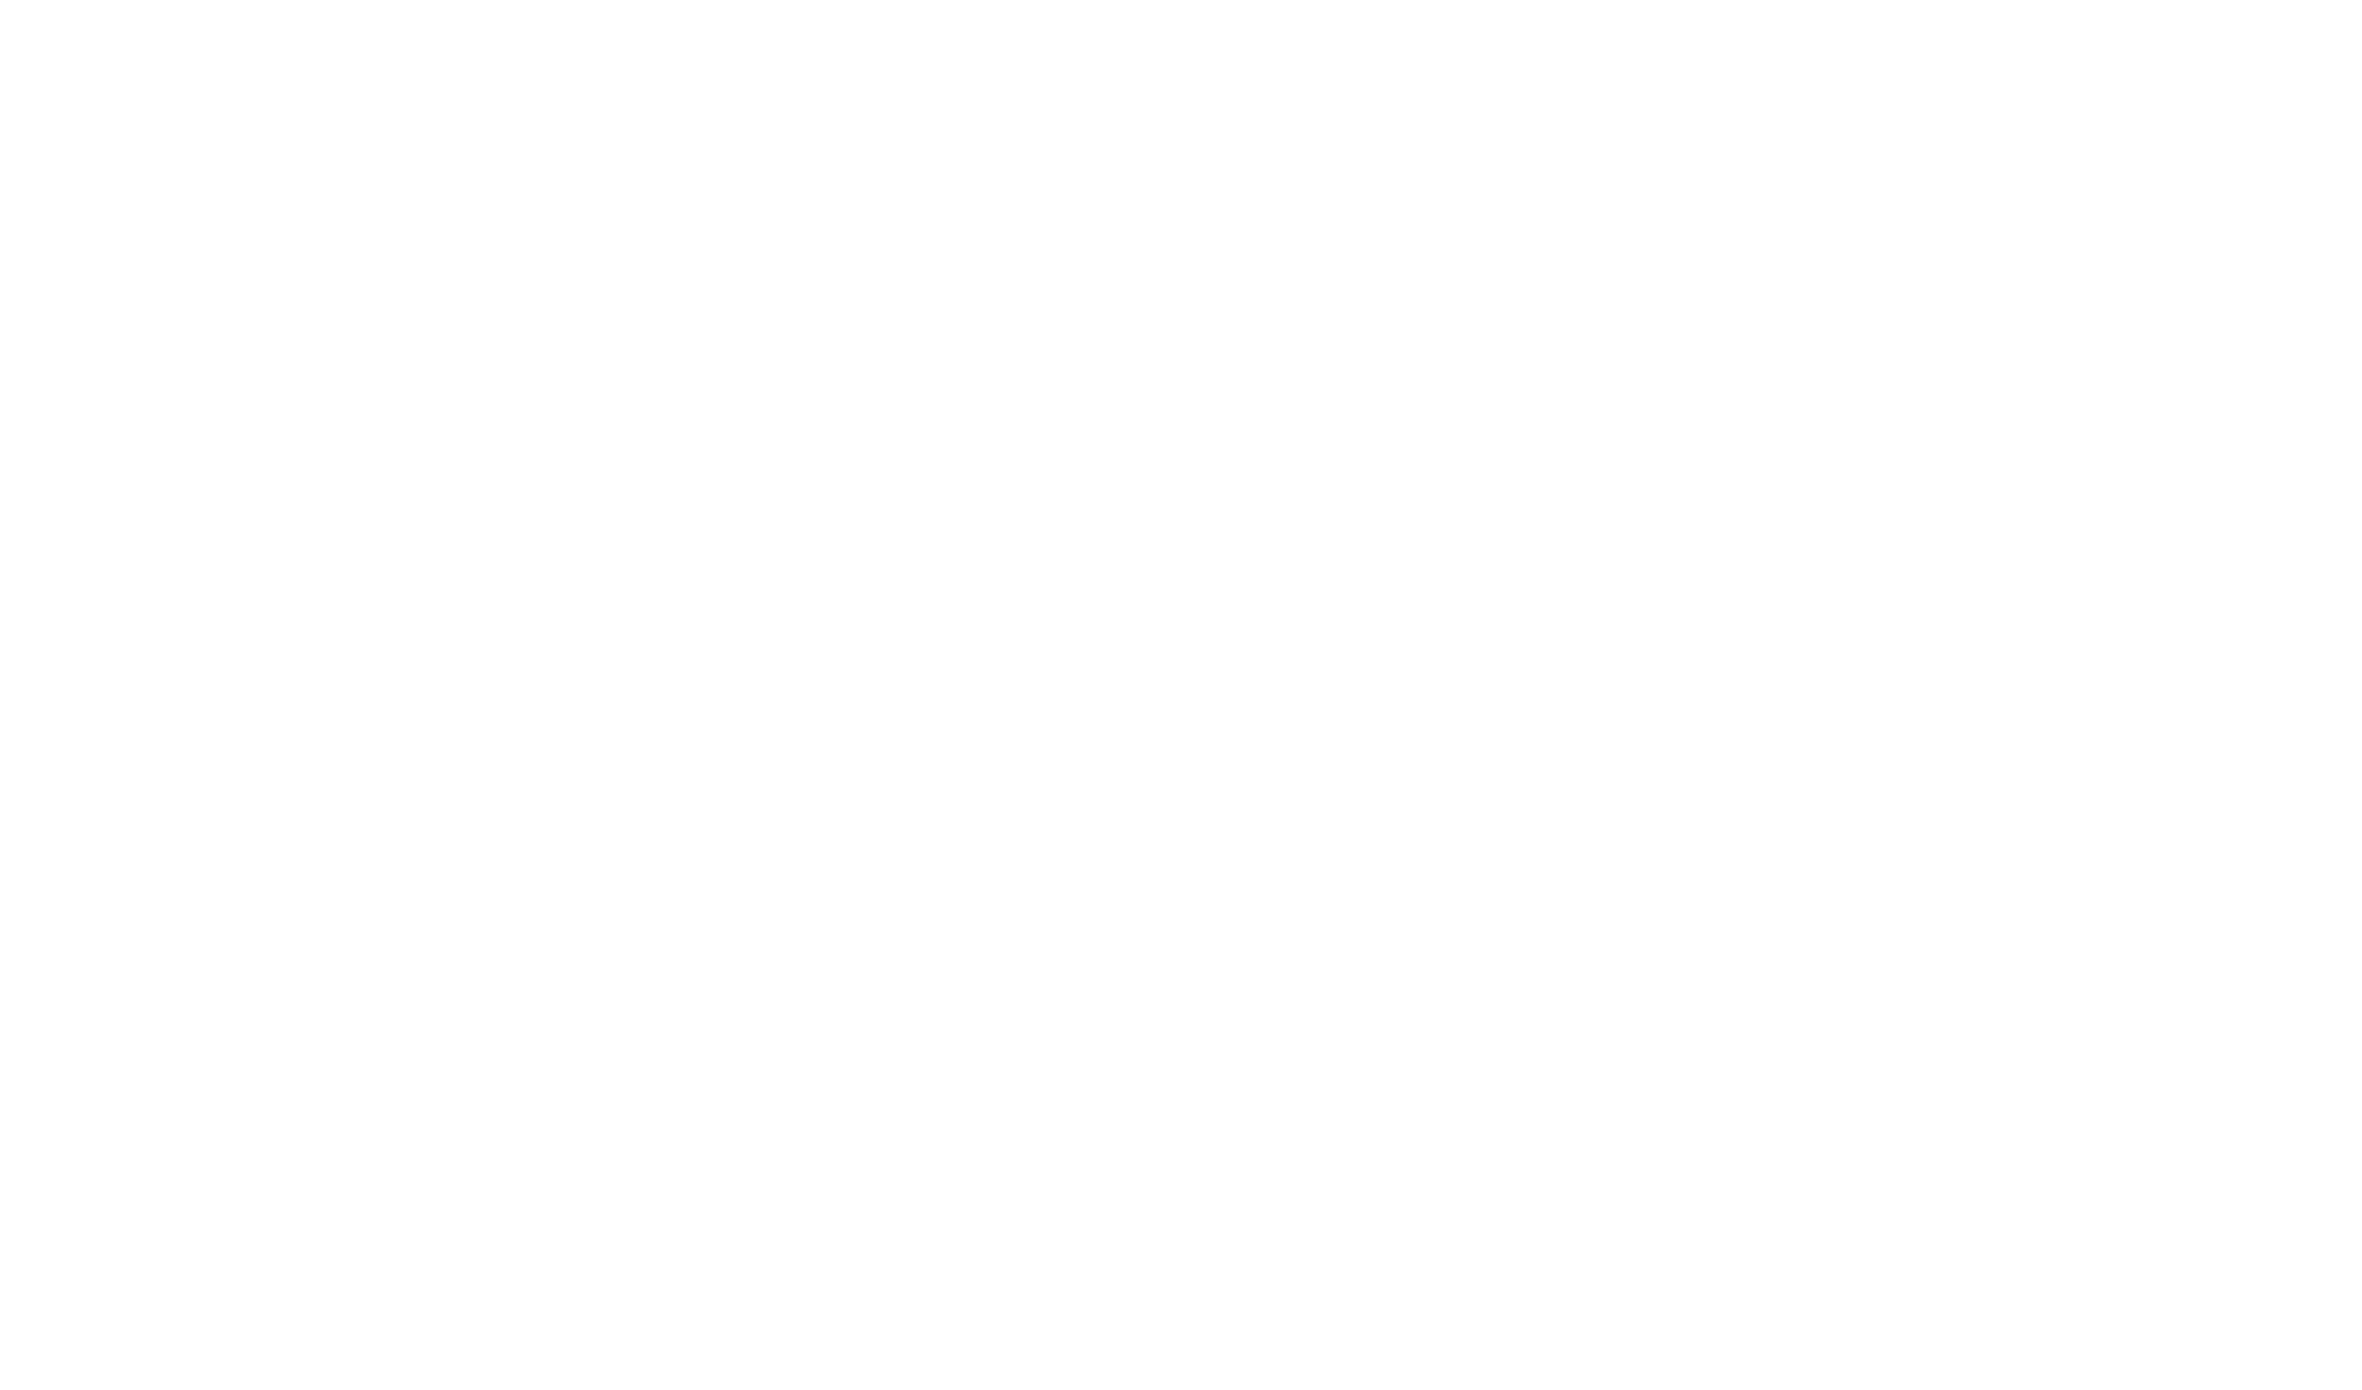 Waitara_Schriftzug